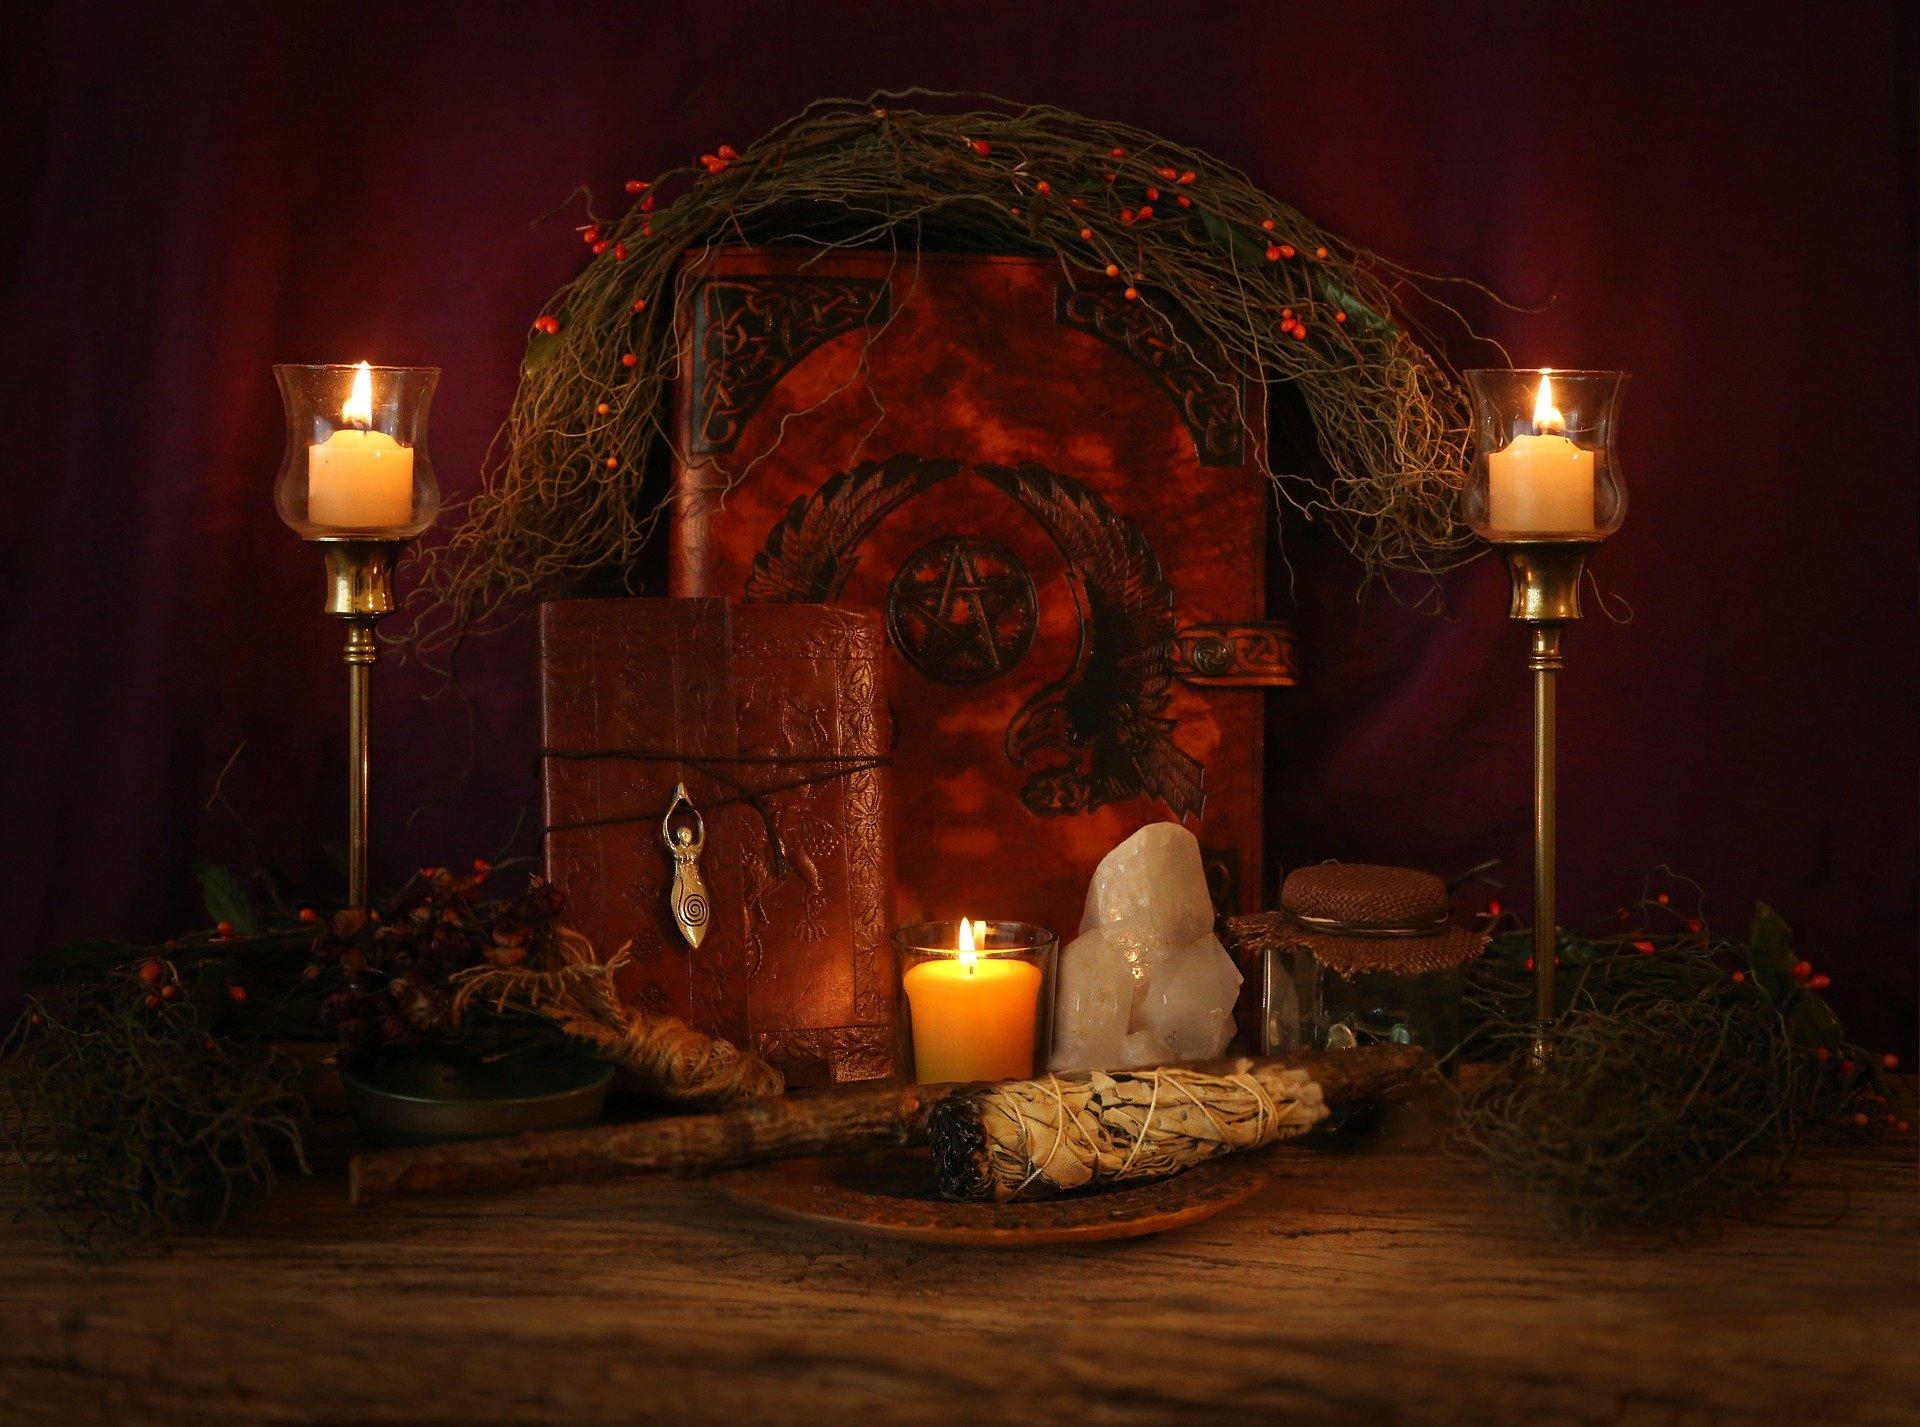 Der Lockdown als Geschenk – lasse dein inneres Licht leuchten